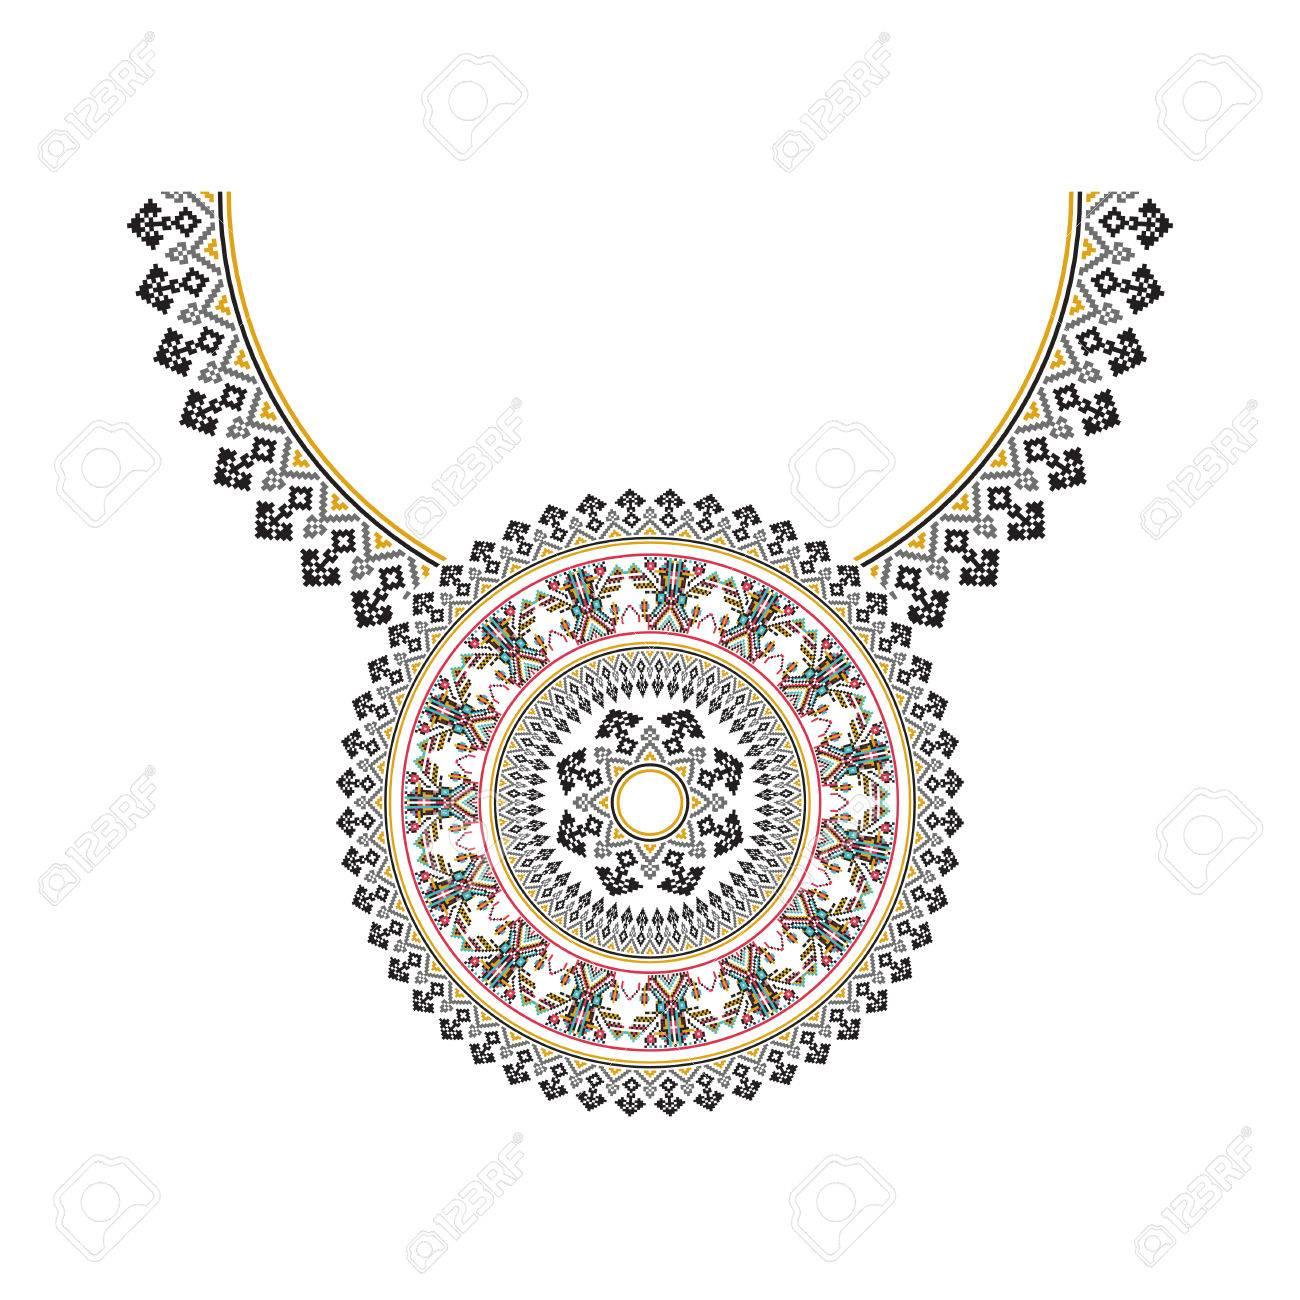 9ce8e90a793c Foto de archivo - Vector étnico bordado collar para las mujeres de moda.  modelo tribal del pixel para la impresión o diseño web. joyas